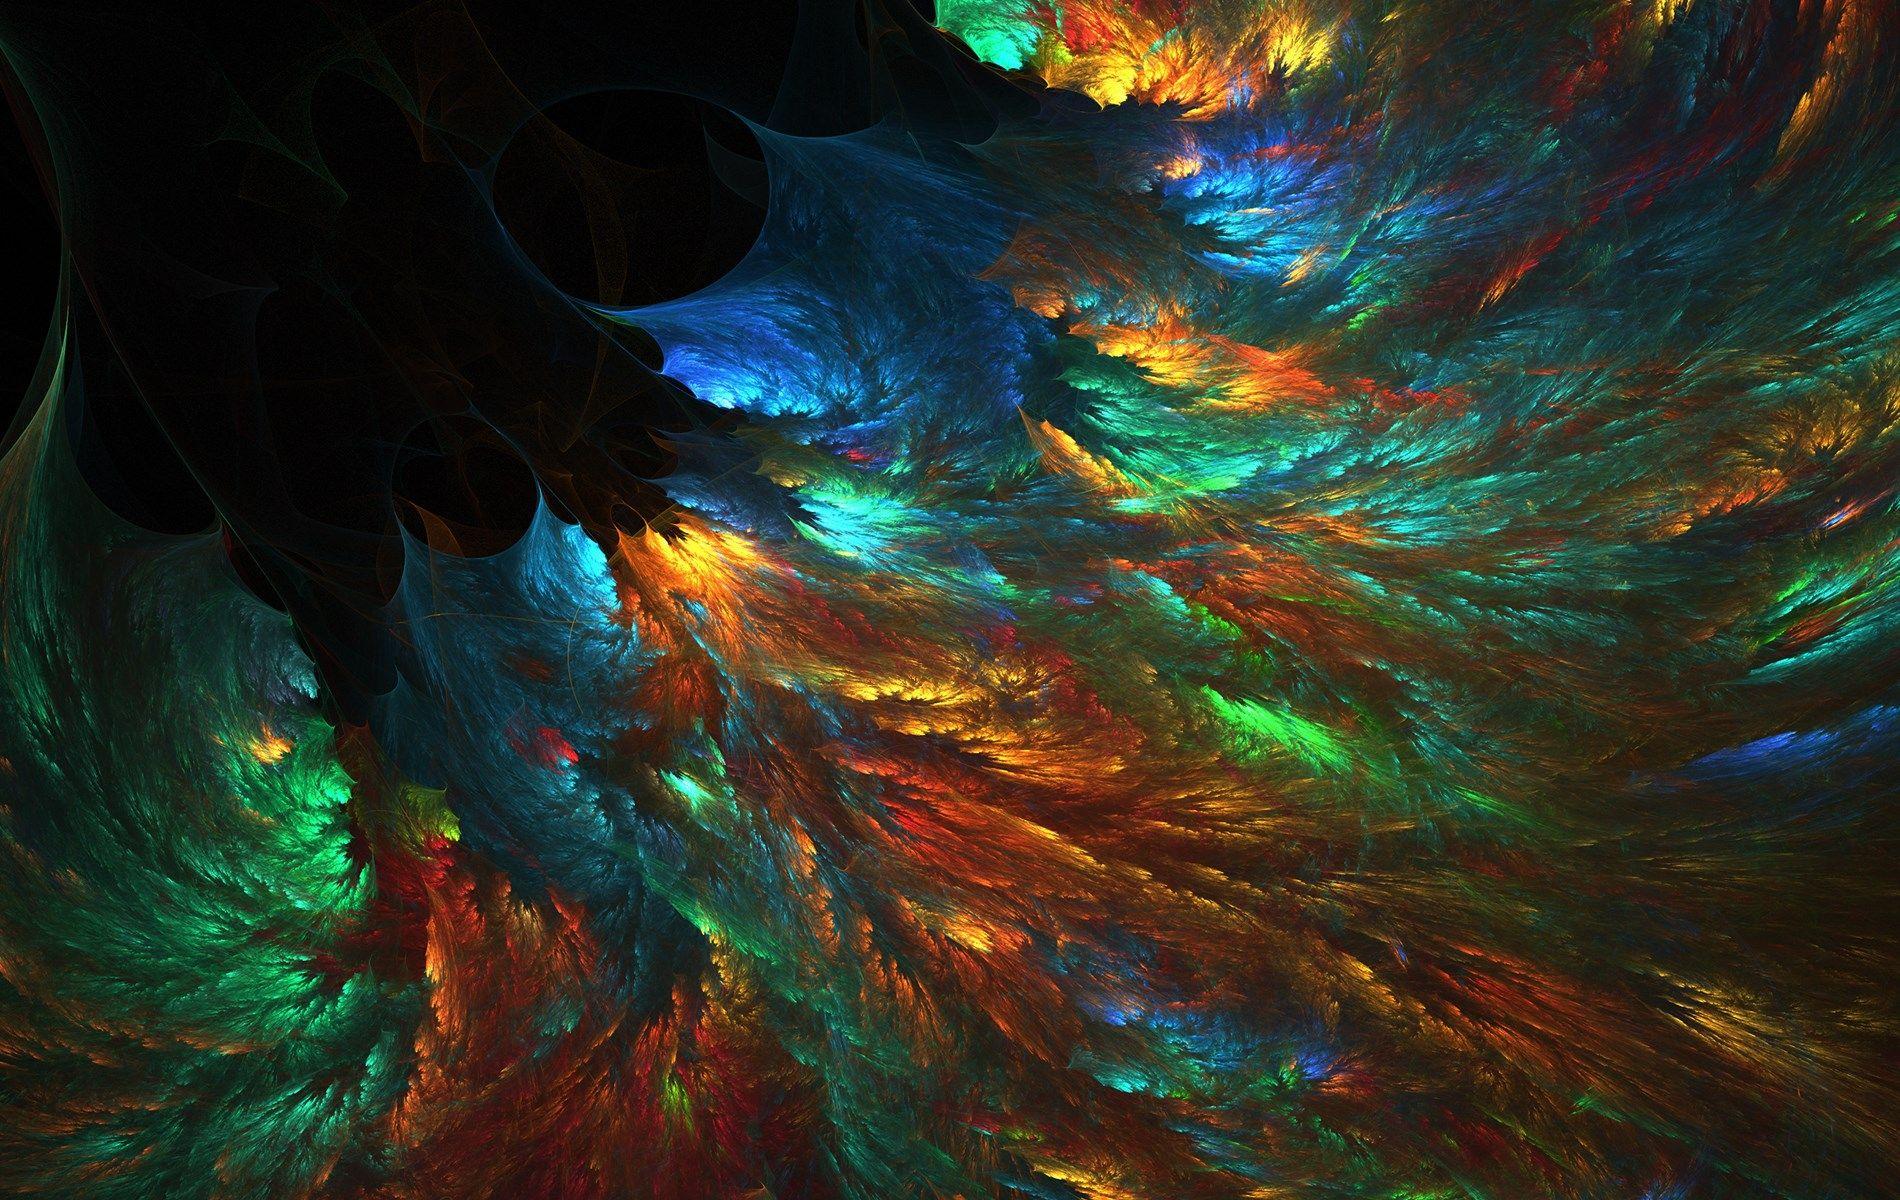 Artistic Background Hd 1900x1200 Artistic Wallpaper Abstract Wallpaper Desktop Wallpaper Art